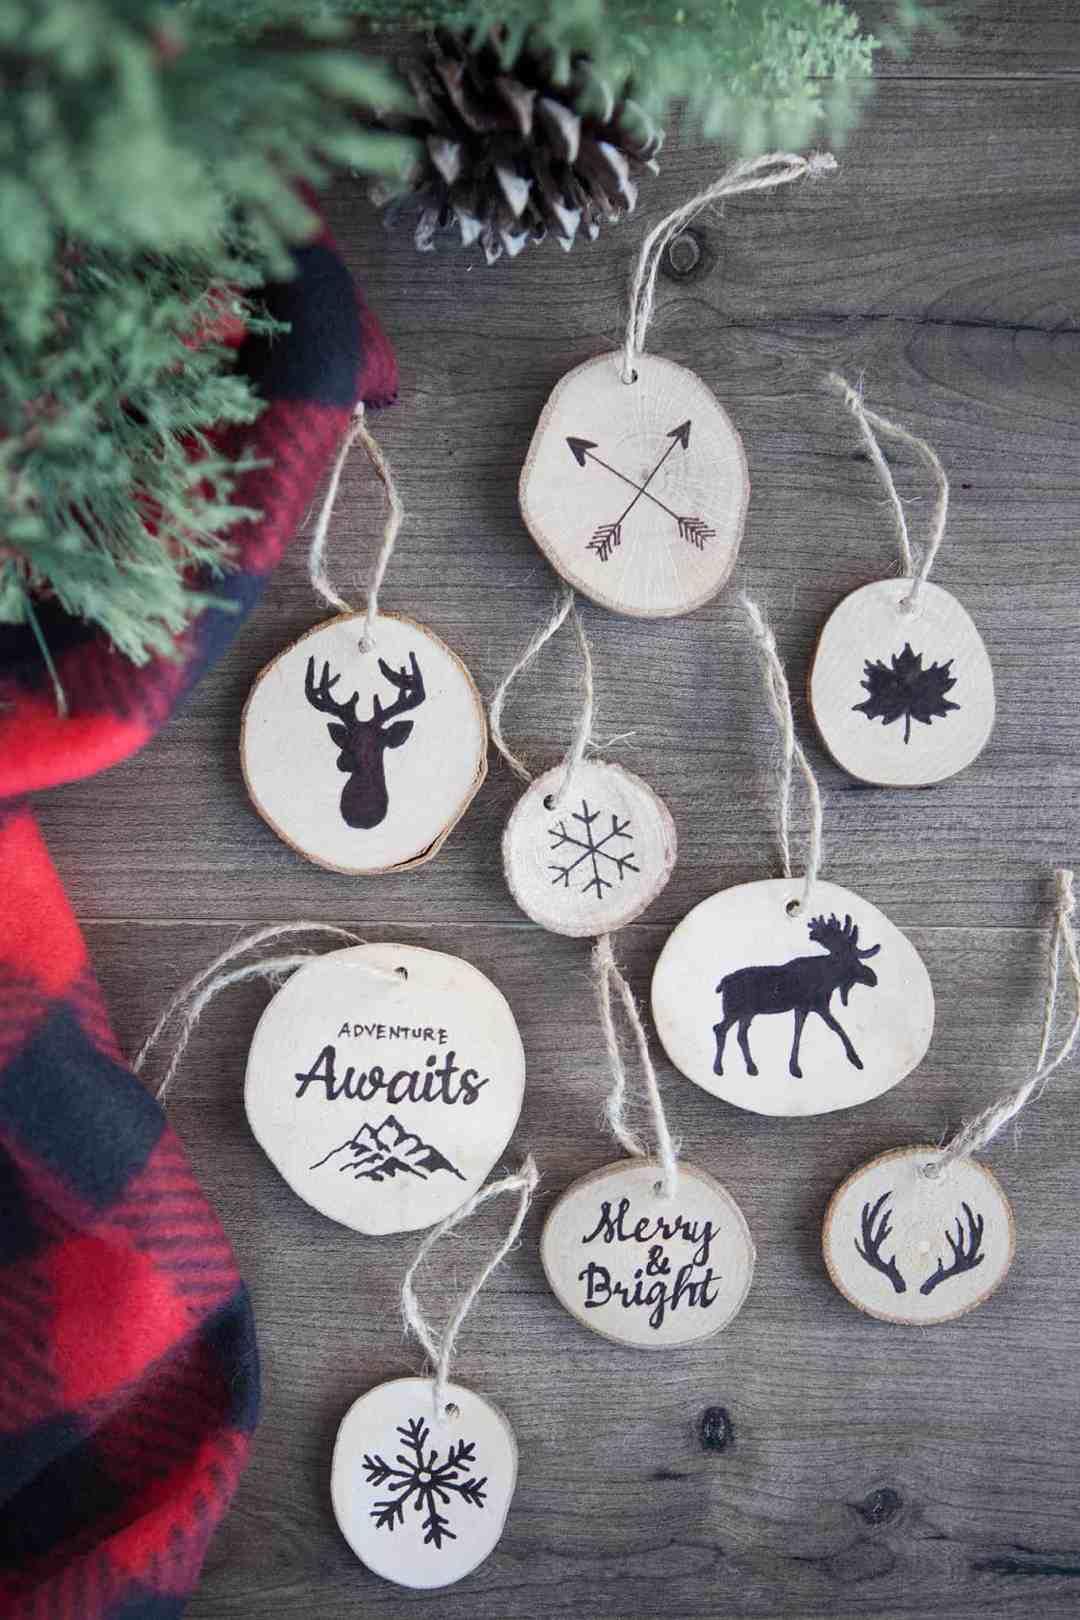 Farmhouse Style Ornaments for Christmas